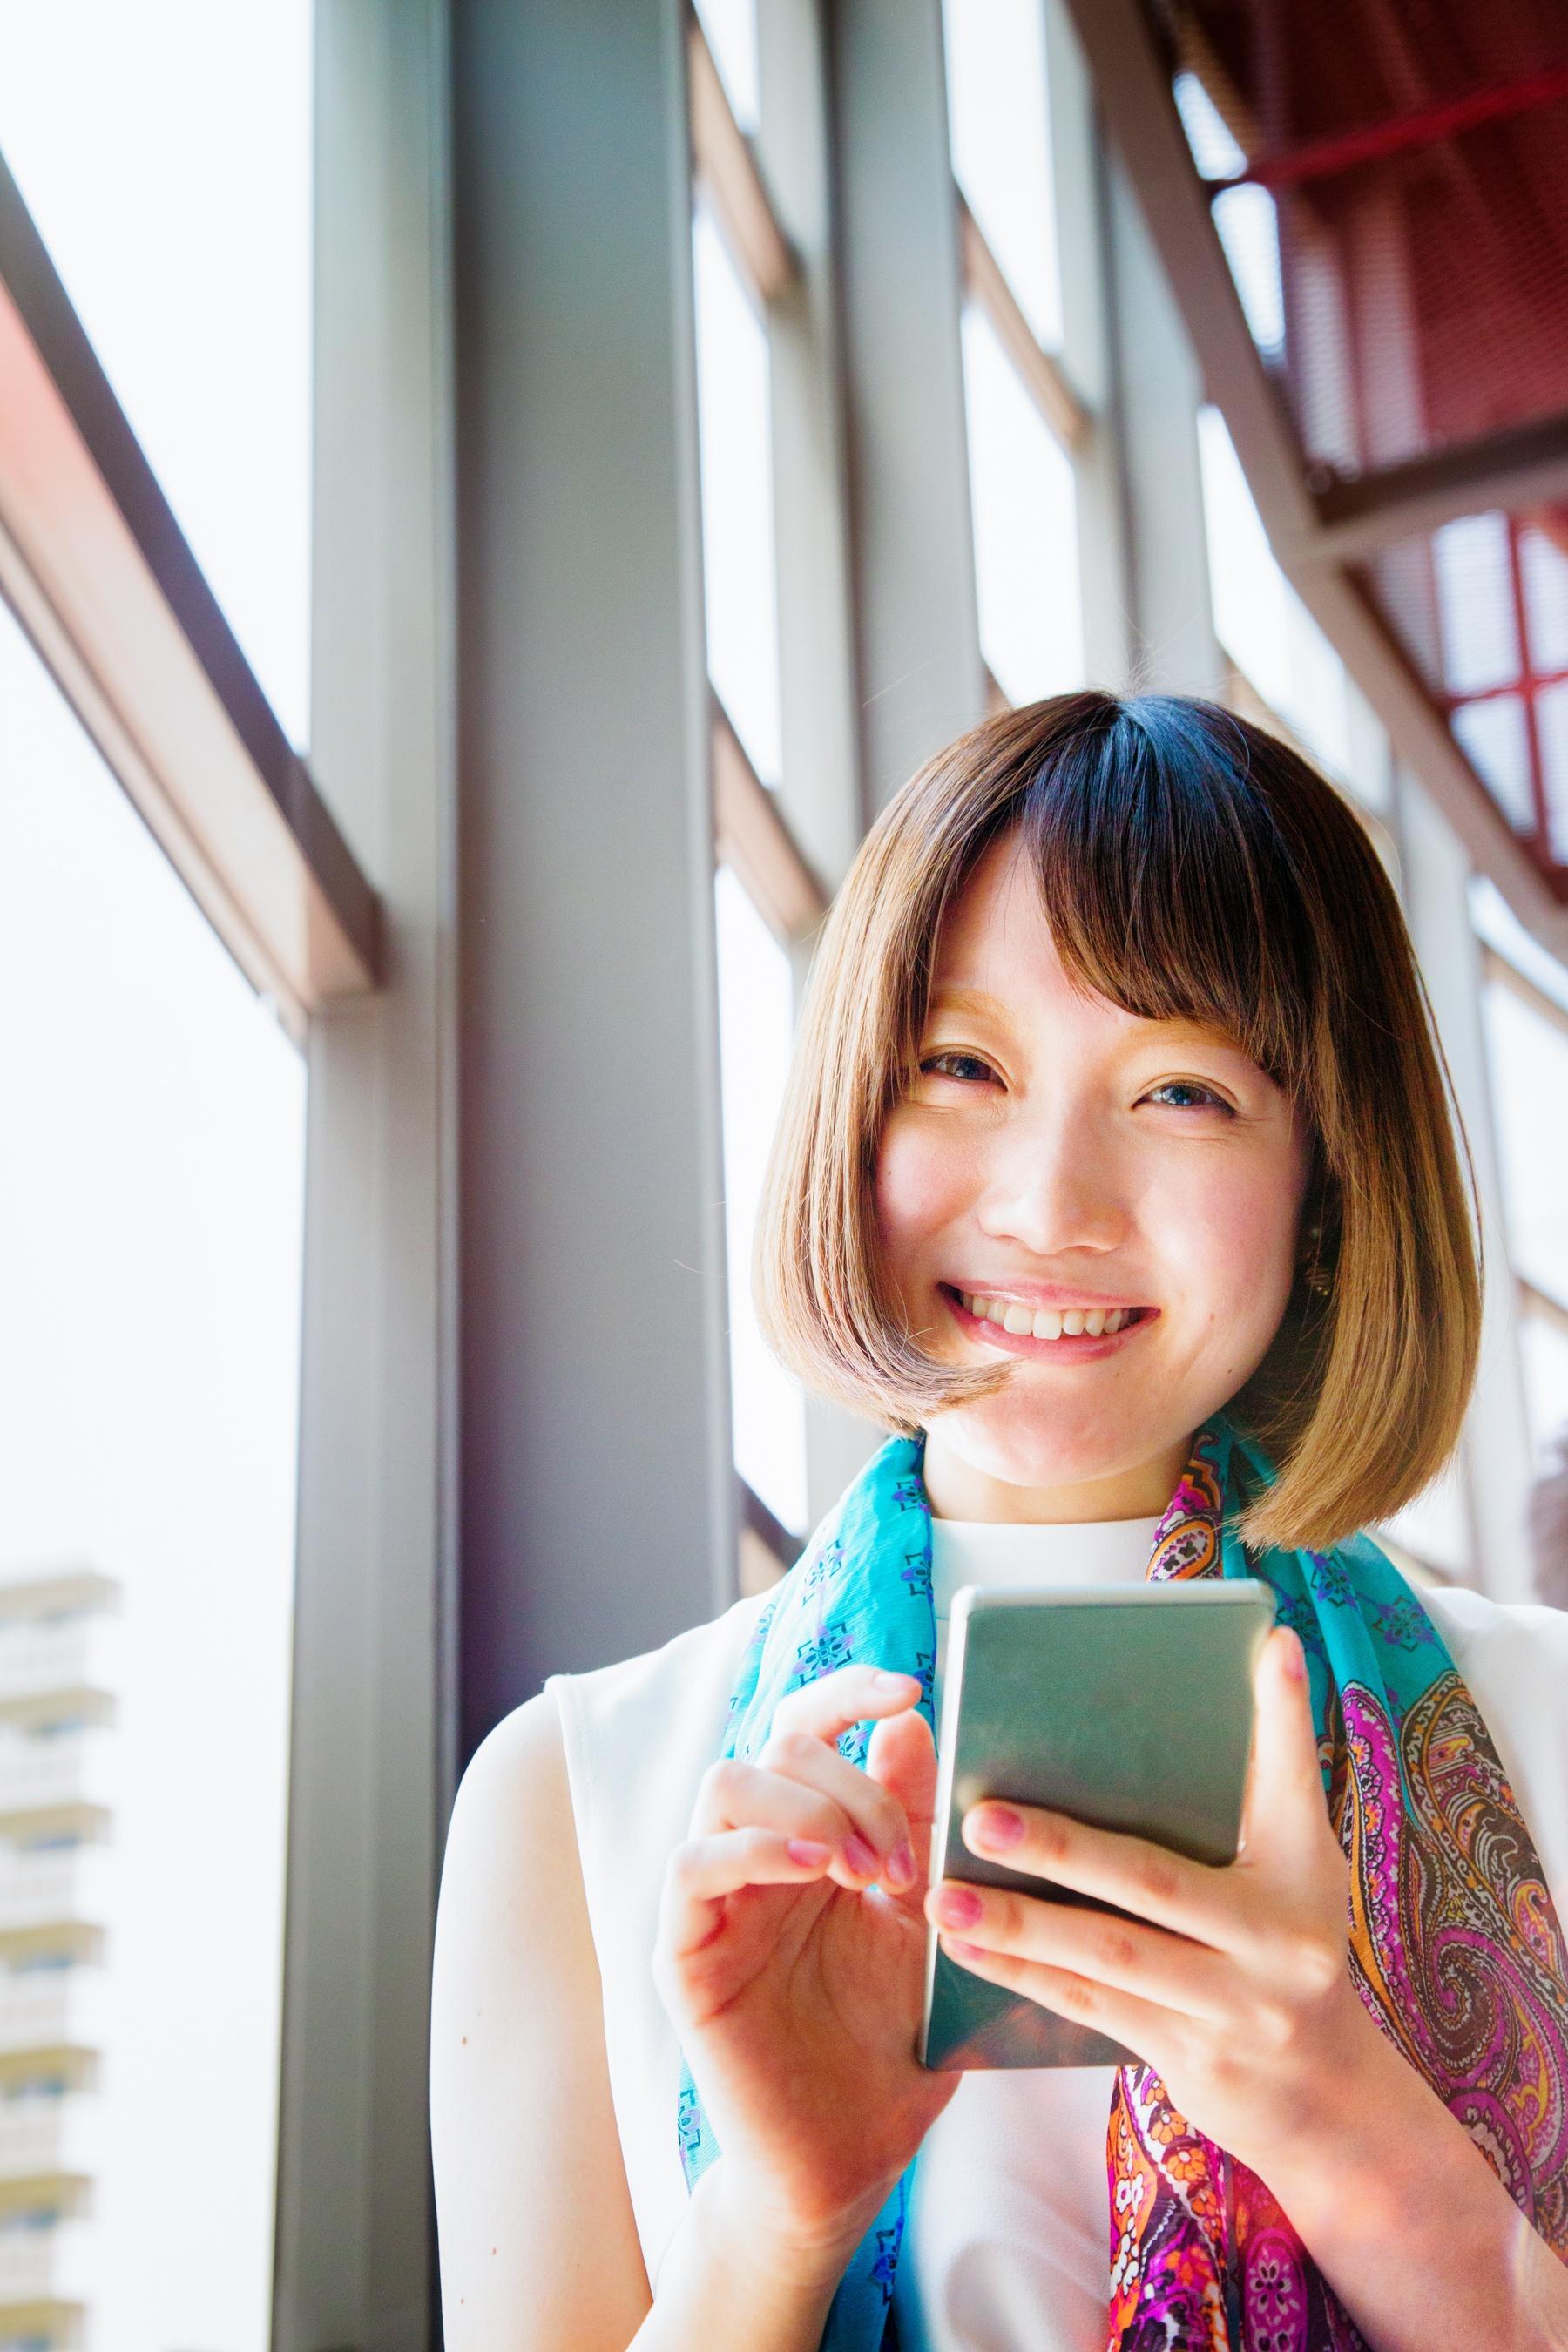 mobilj.jpg